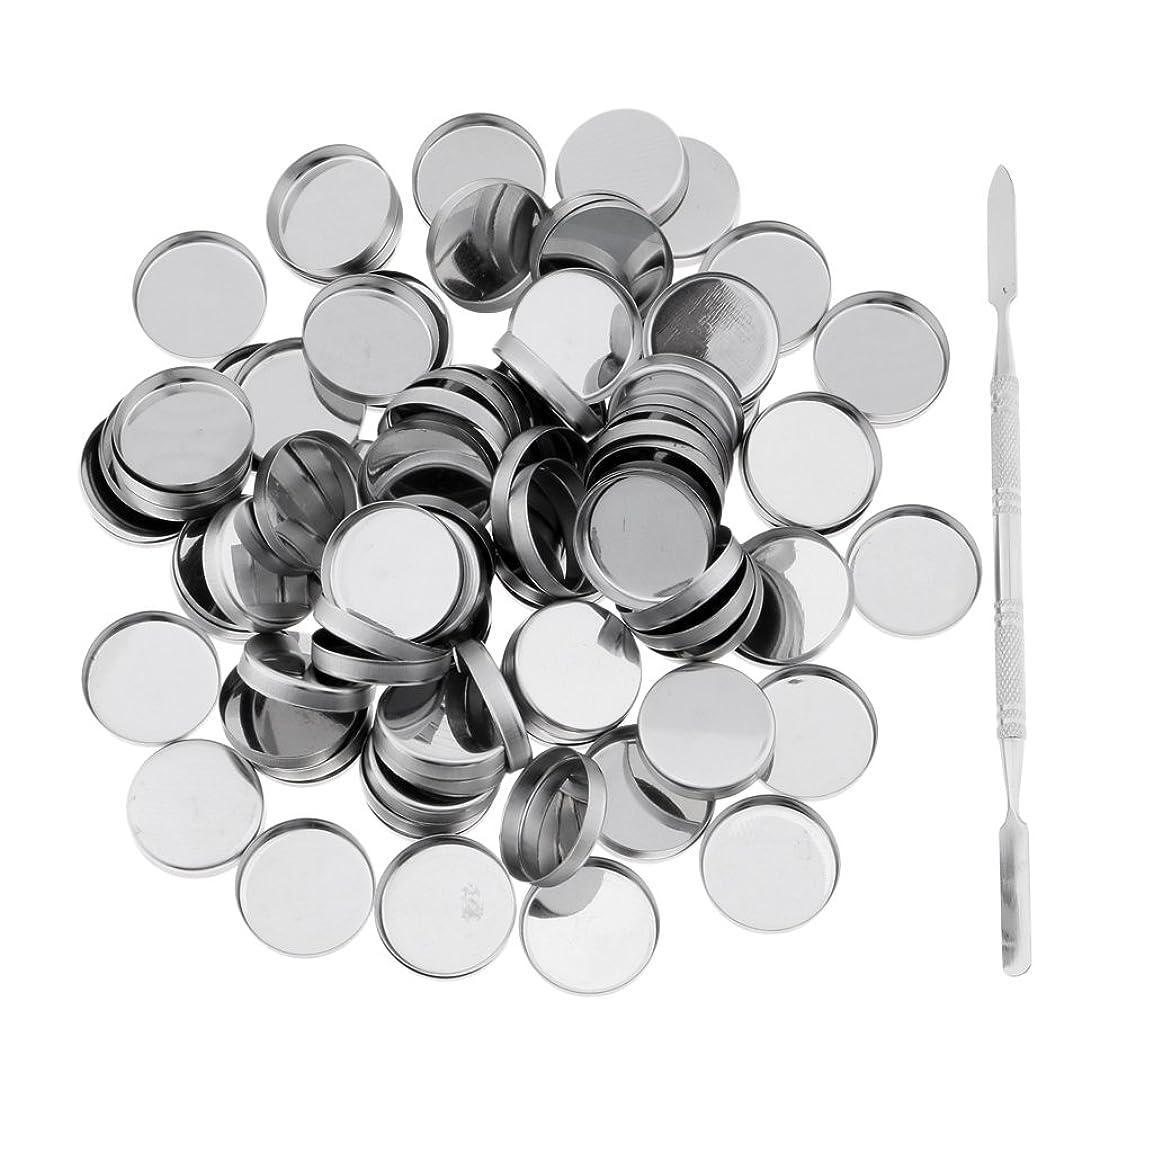 バレエだます定数Perfk 約100個 メイクアップパン 空パン スティック 金属棒  DIYプレス アイシャドウ/ブラッシュ/パウダー/クリーム コスメ DIY 2タイプ選べる  - ラウンドパン